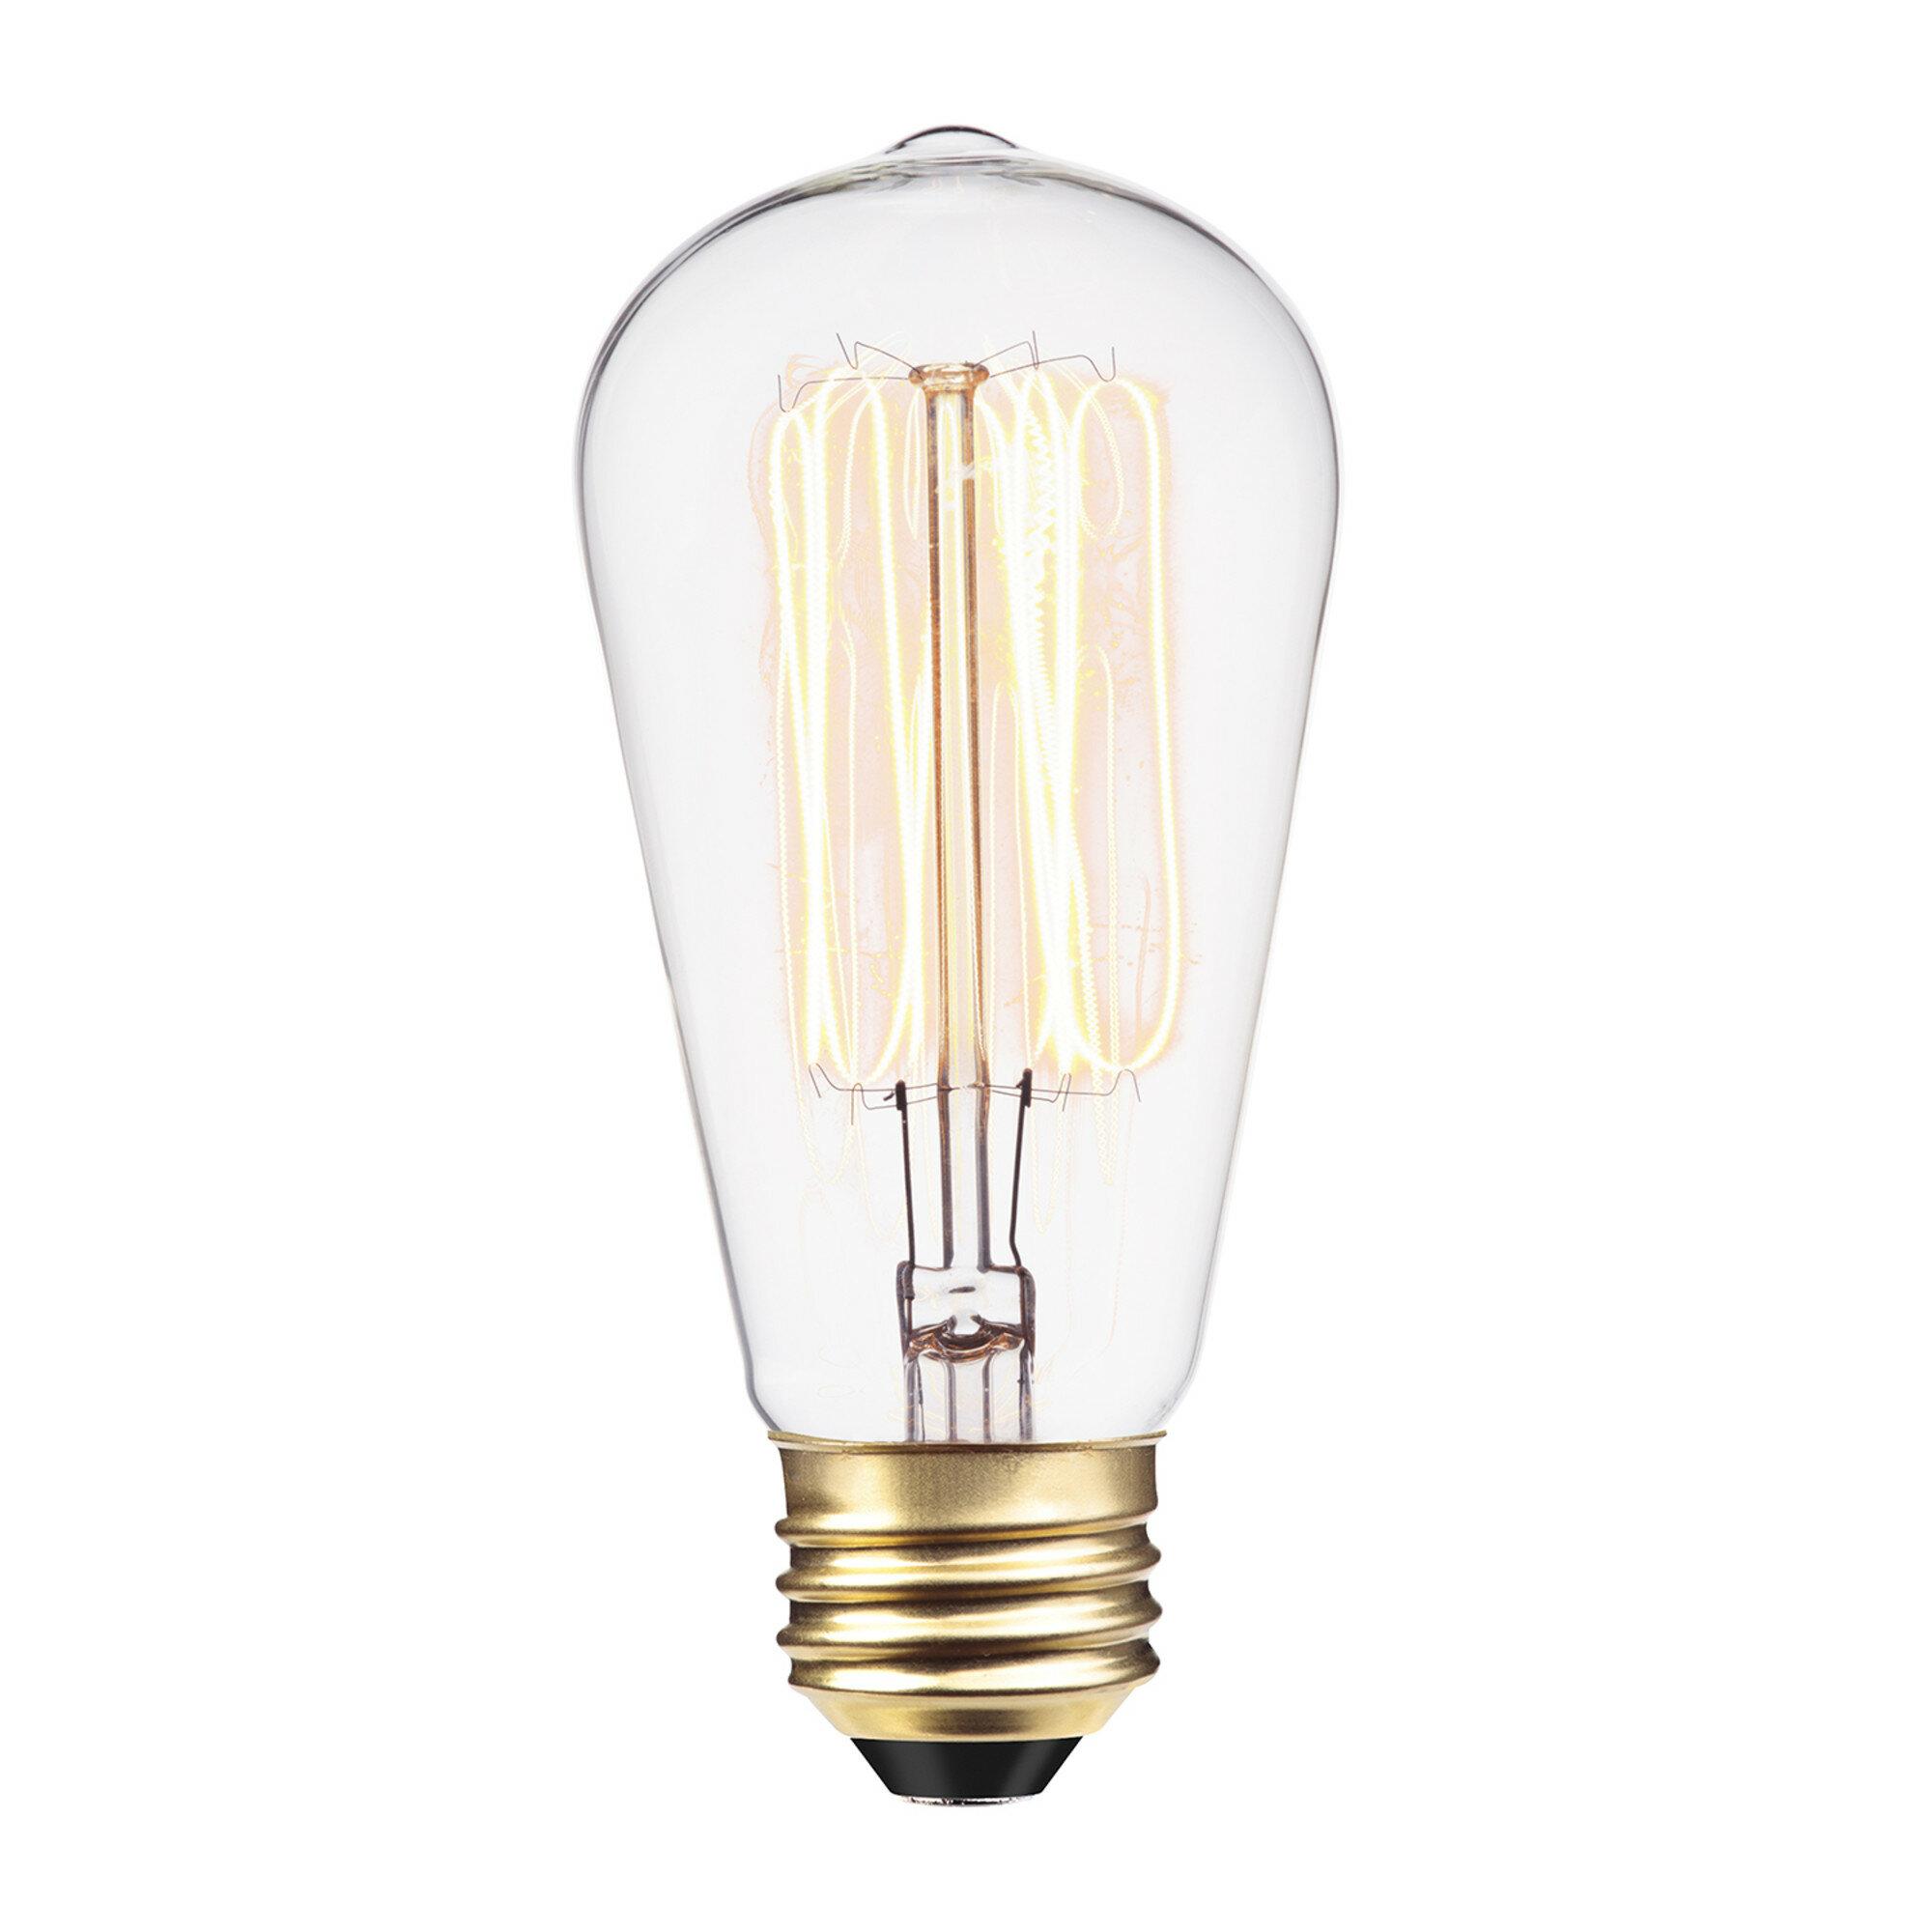 Simple Vintage A19 Edison Light Bulb E26 40W 120V Antique Retro Clear 4 pack